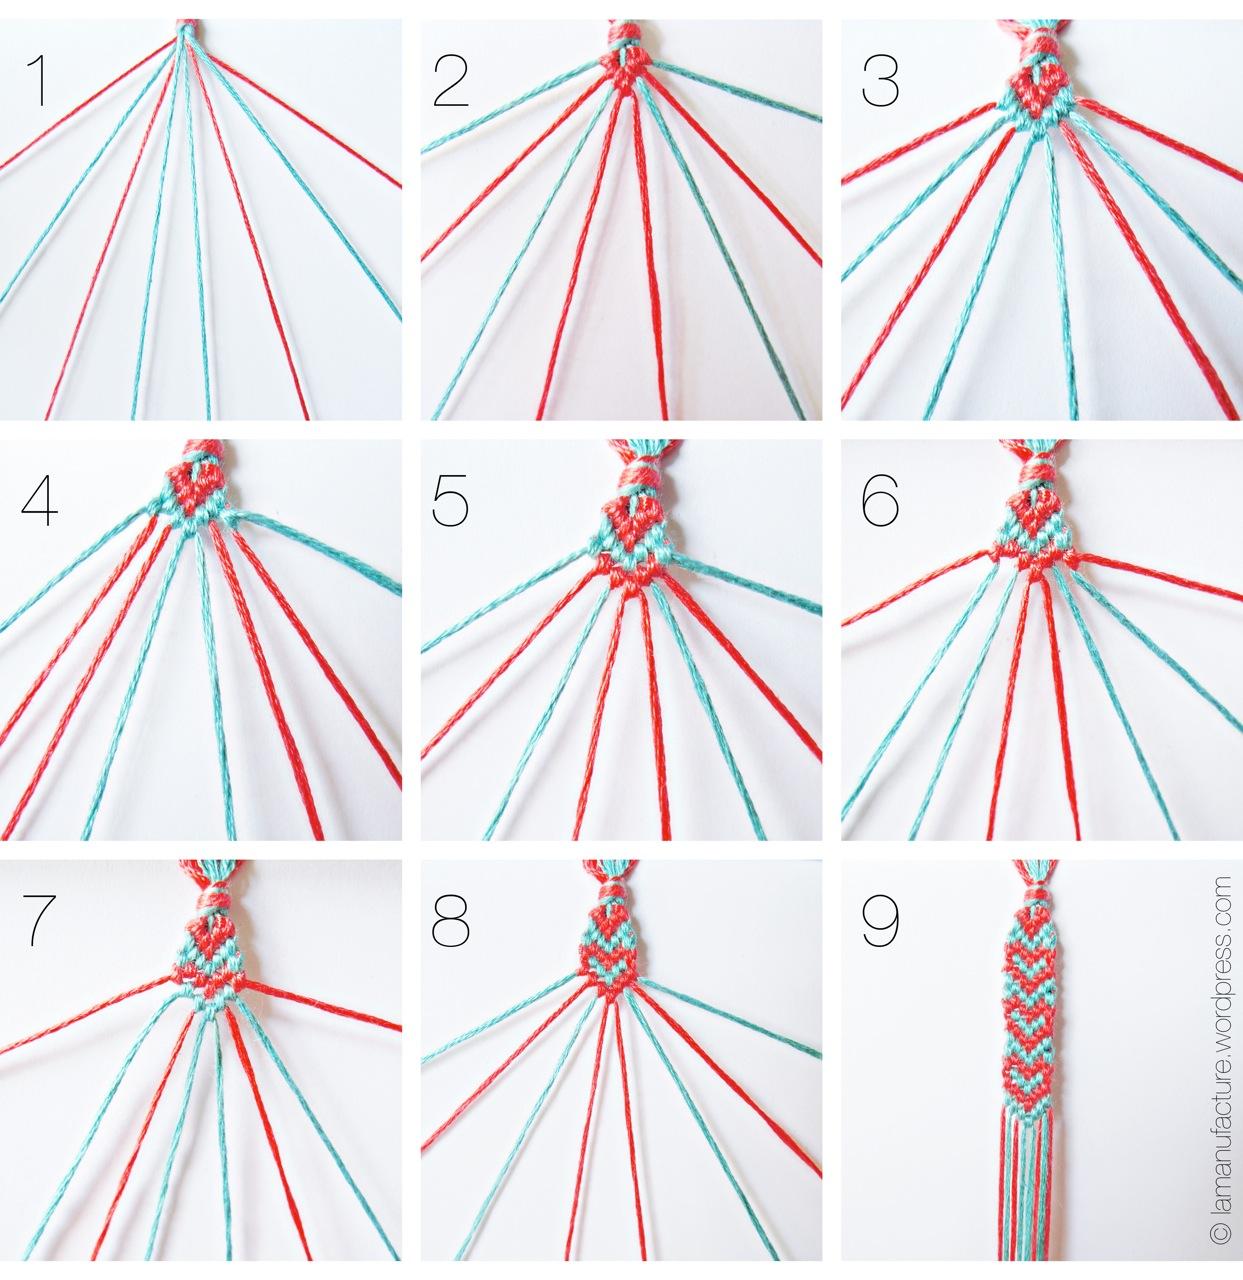 Браслеты своими руками схемы плетения из ниток